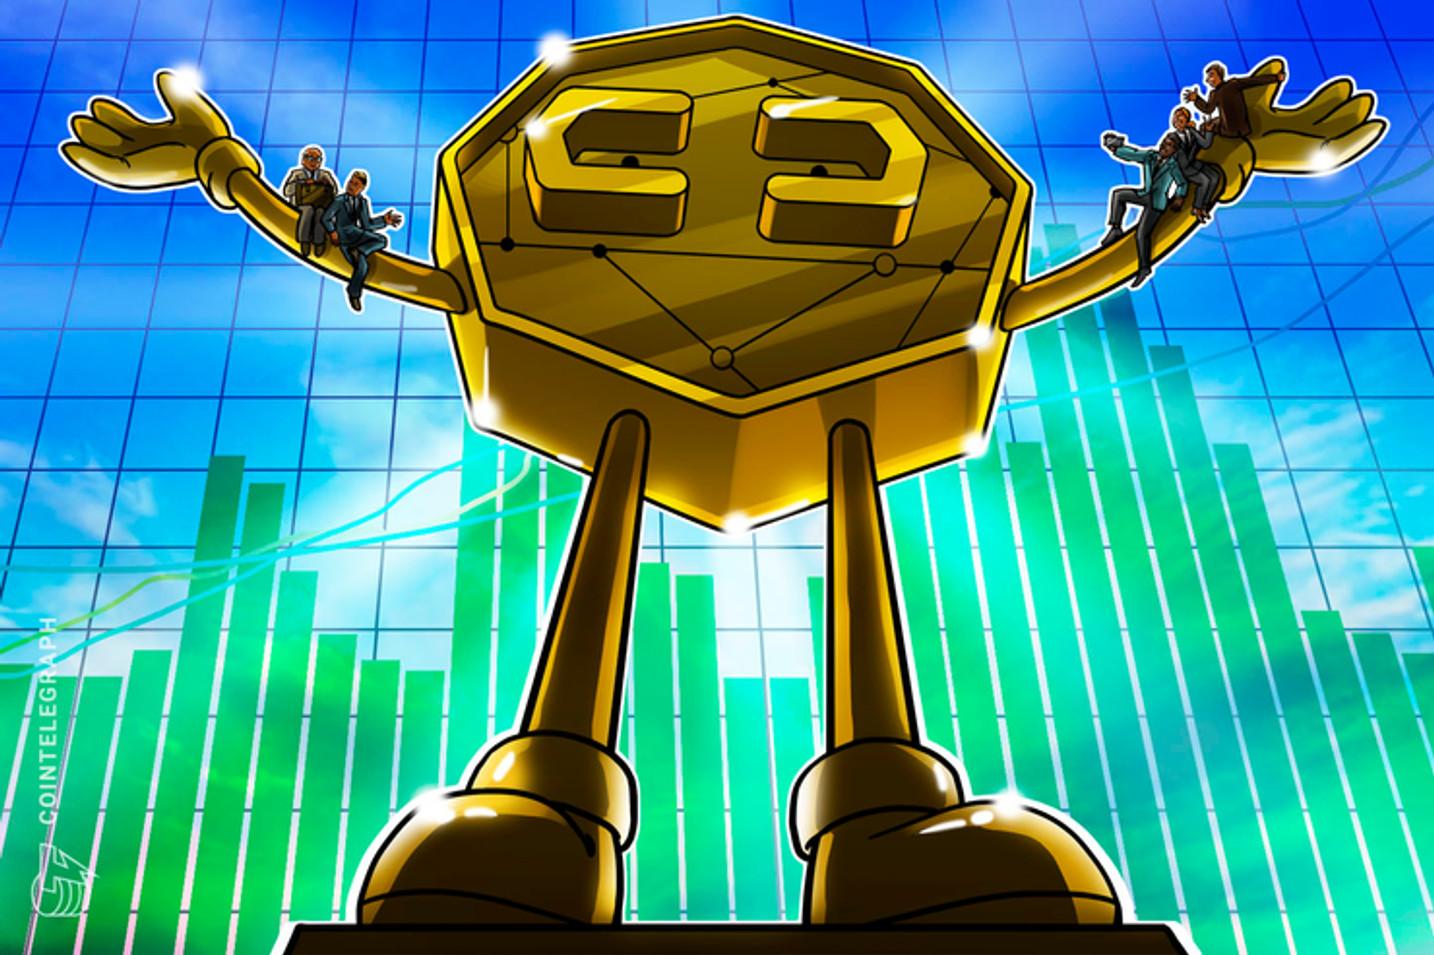 Deputado Expedito Netto afirma que não vai indicar a proibição do Bitcoin no Brasil e alega que acredita na tecnologia